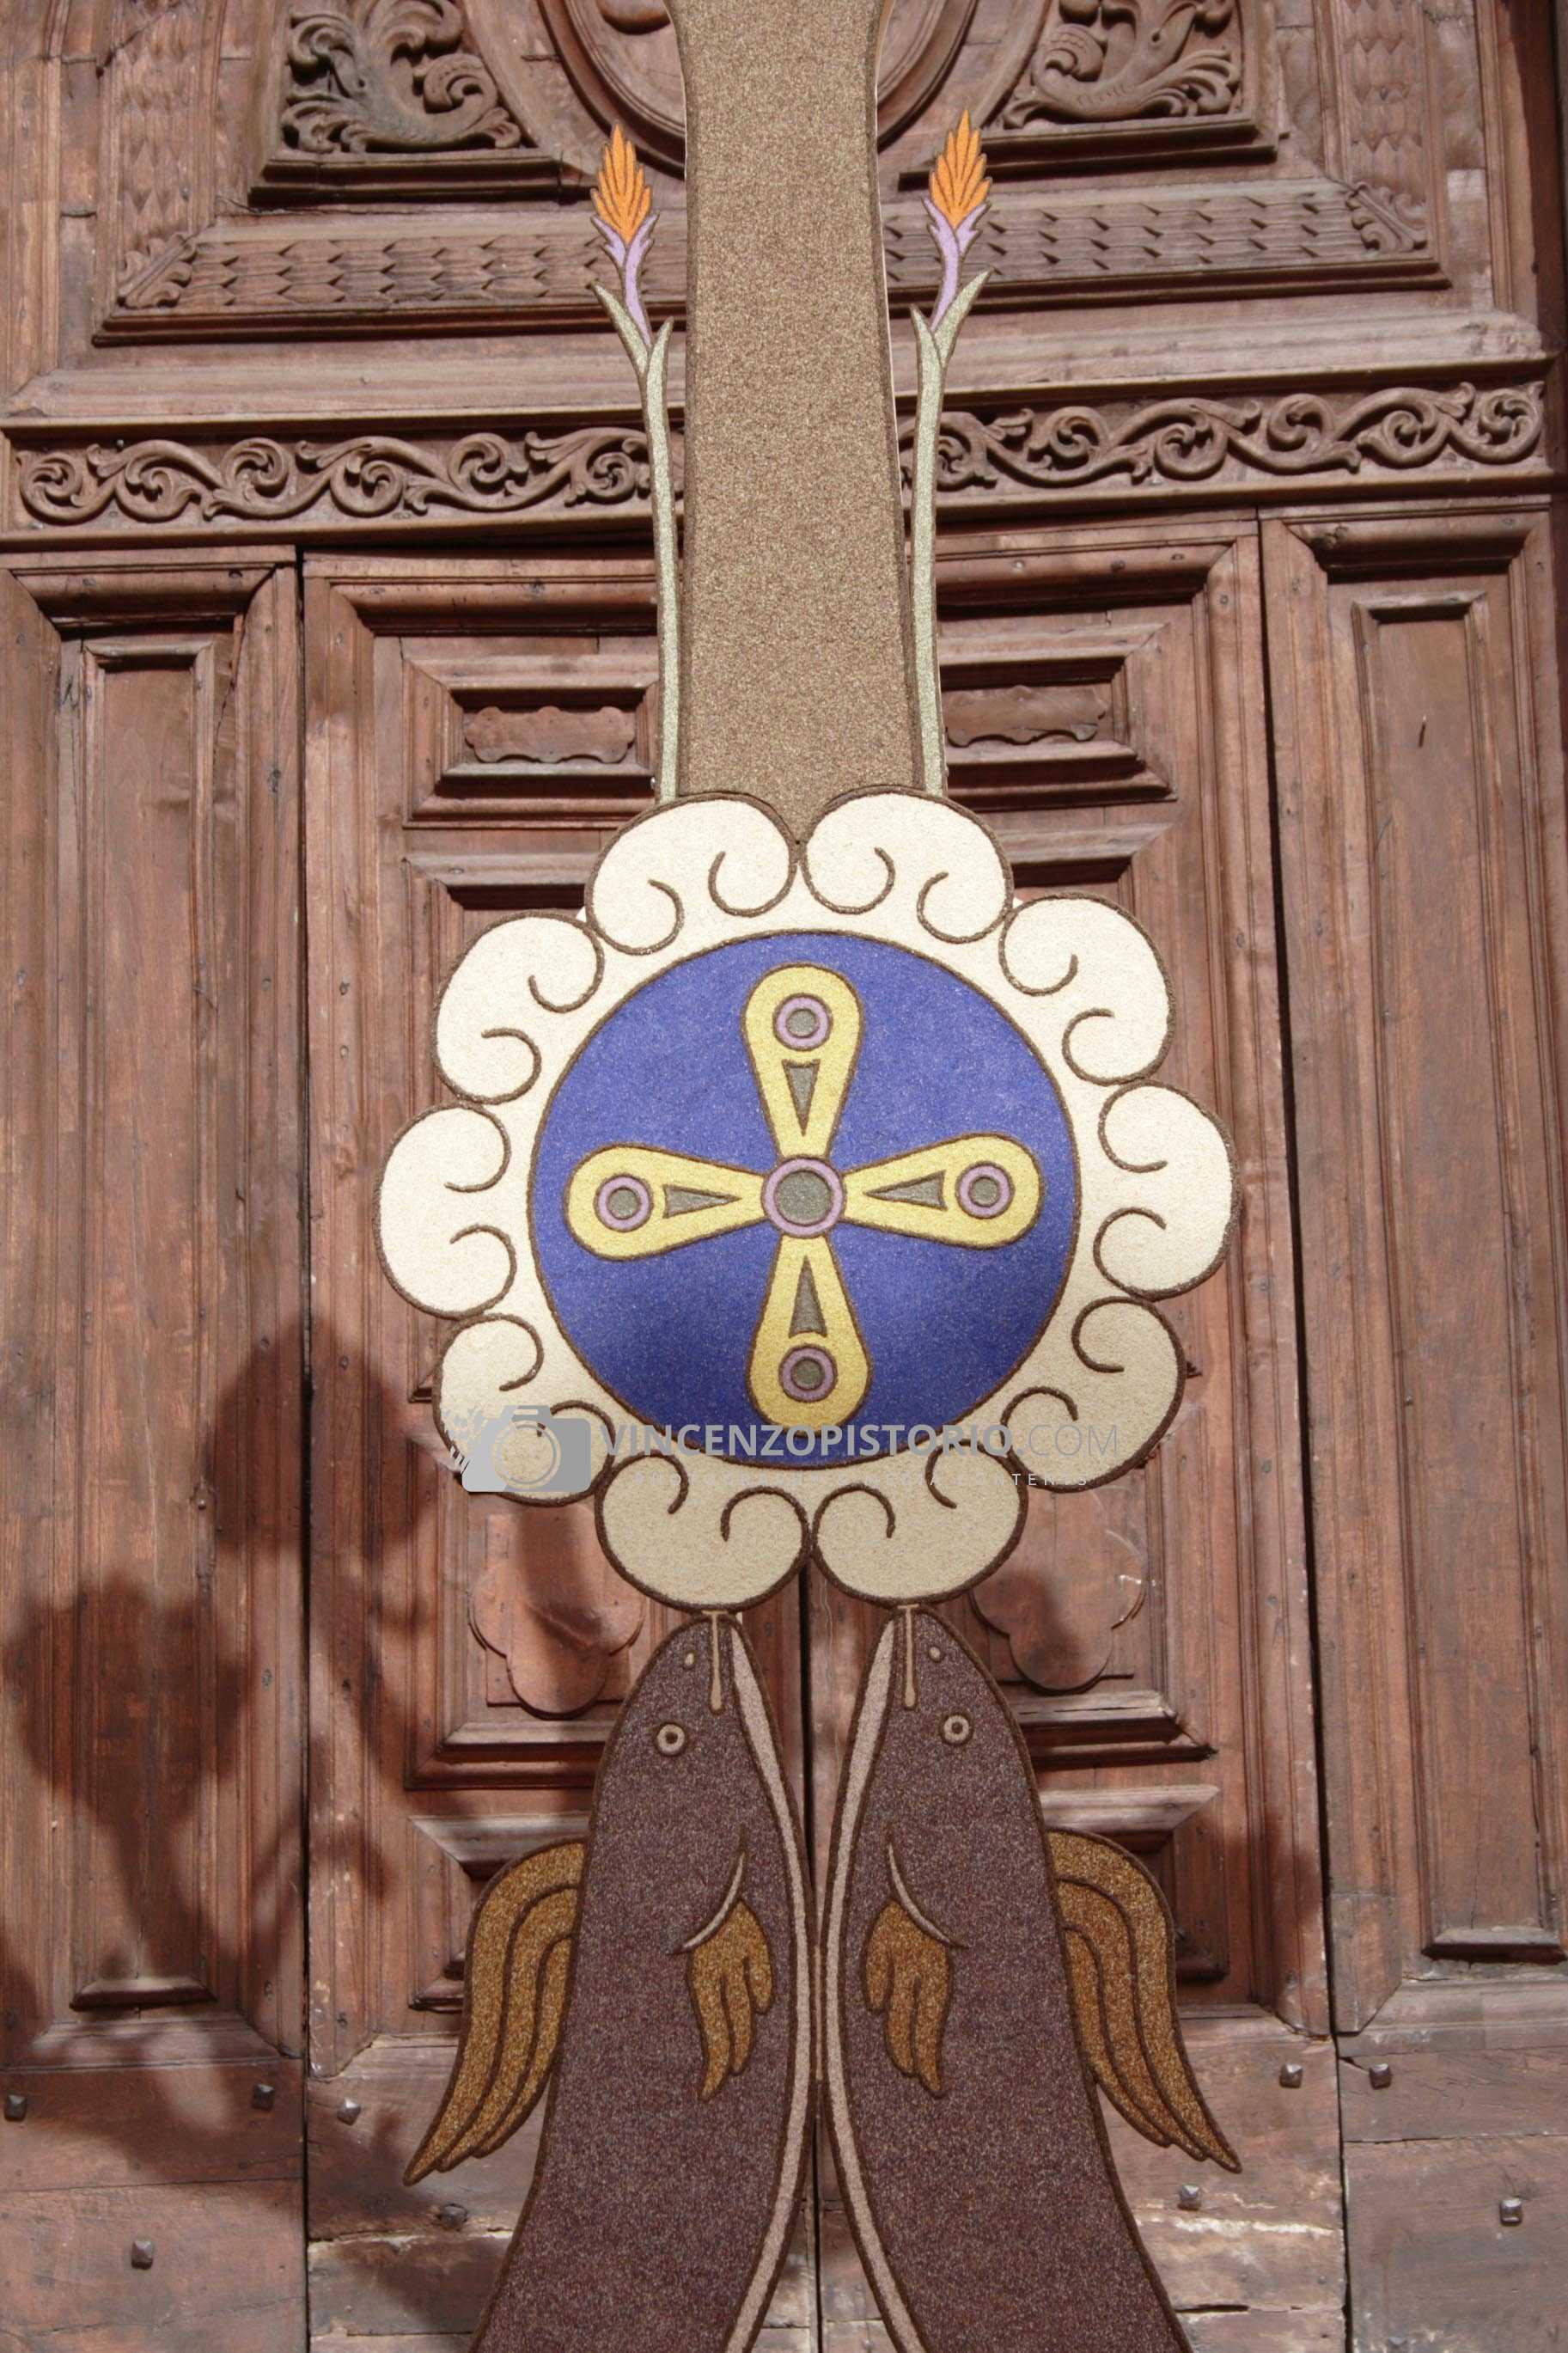 A particular cross